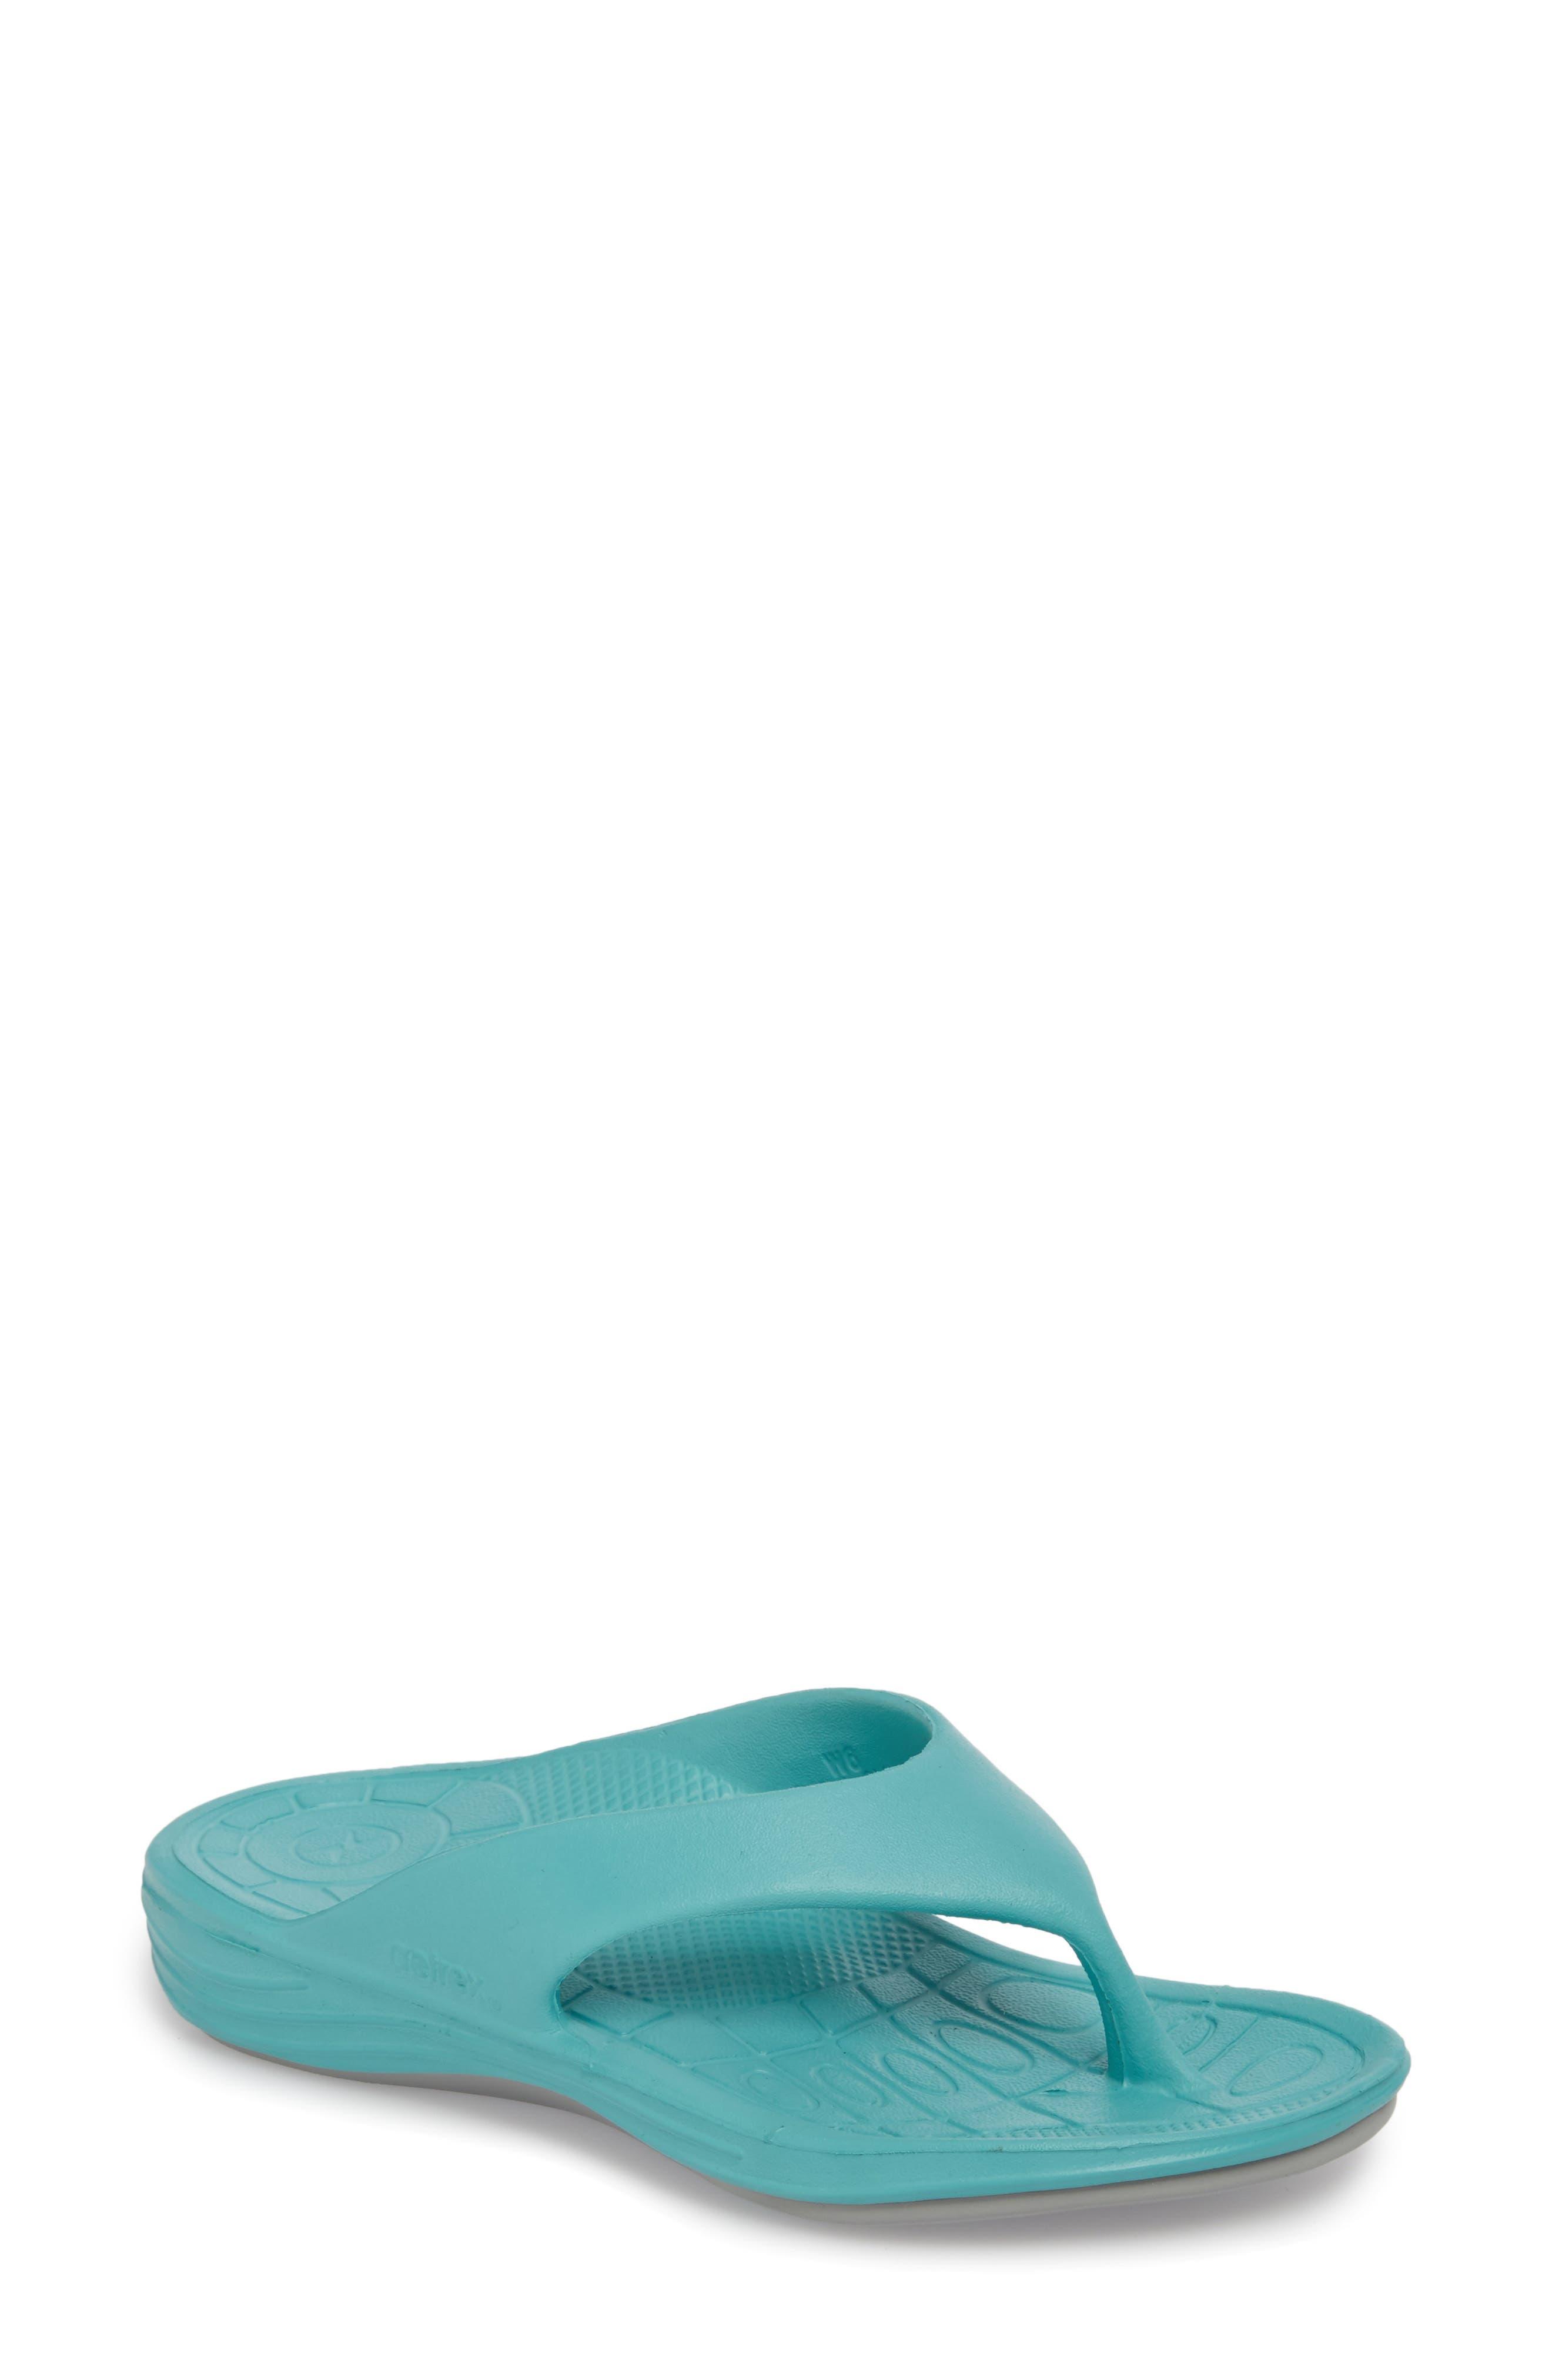 Aetrex Lynco Flip Flop, Blue